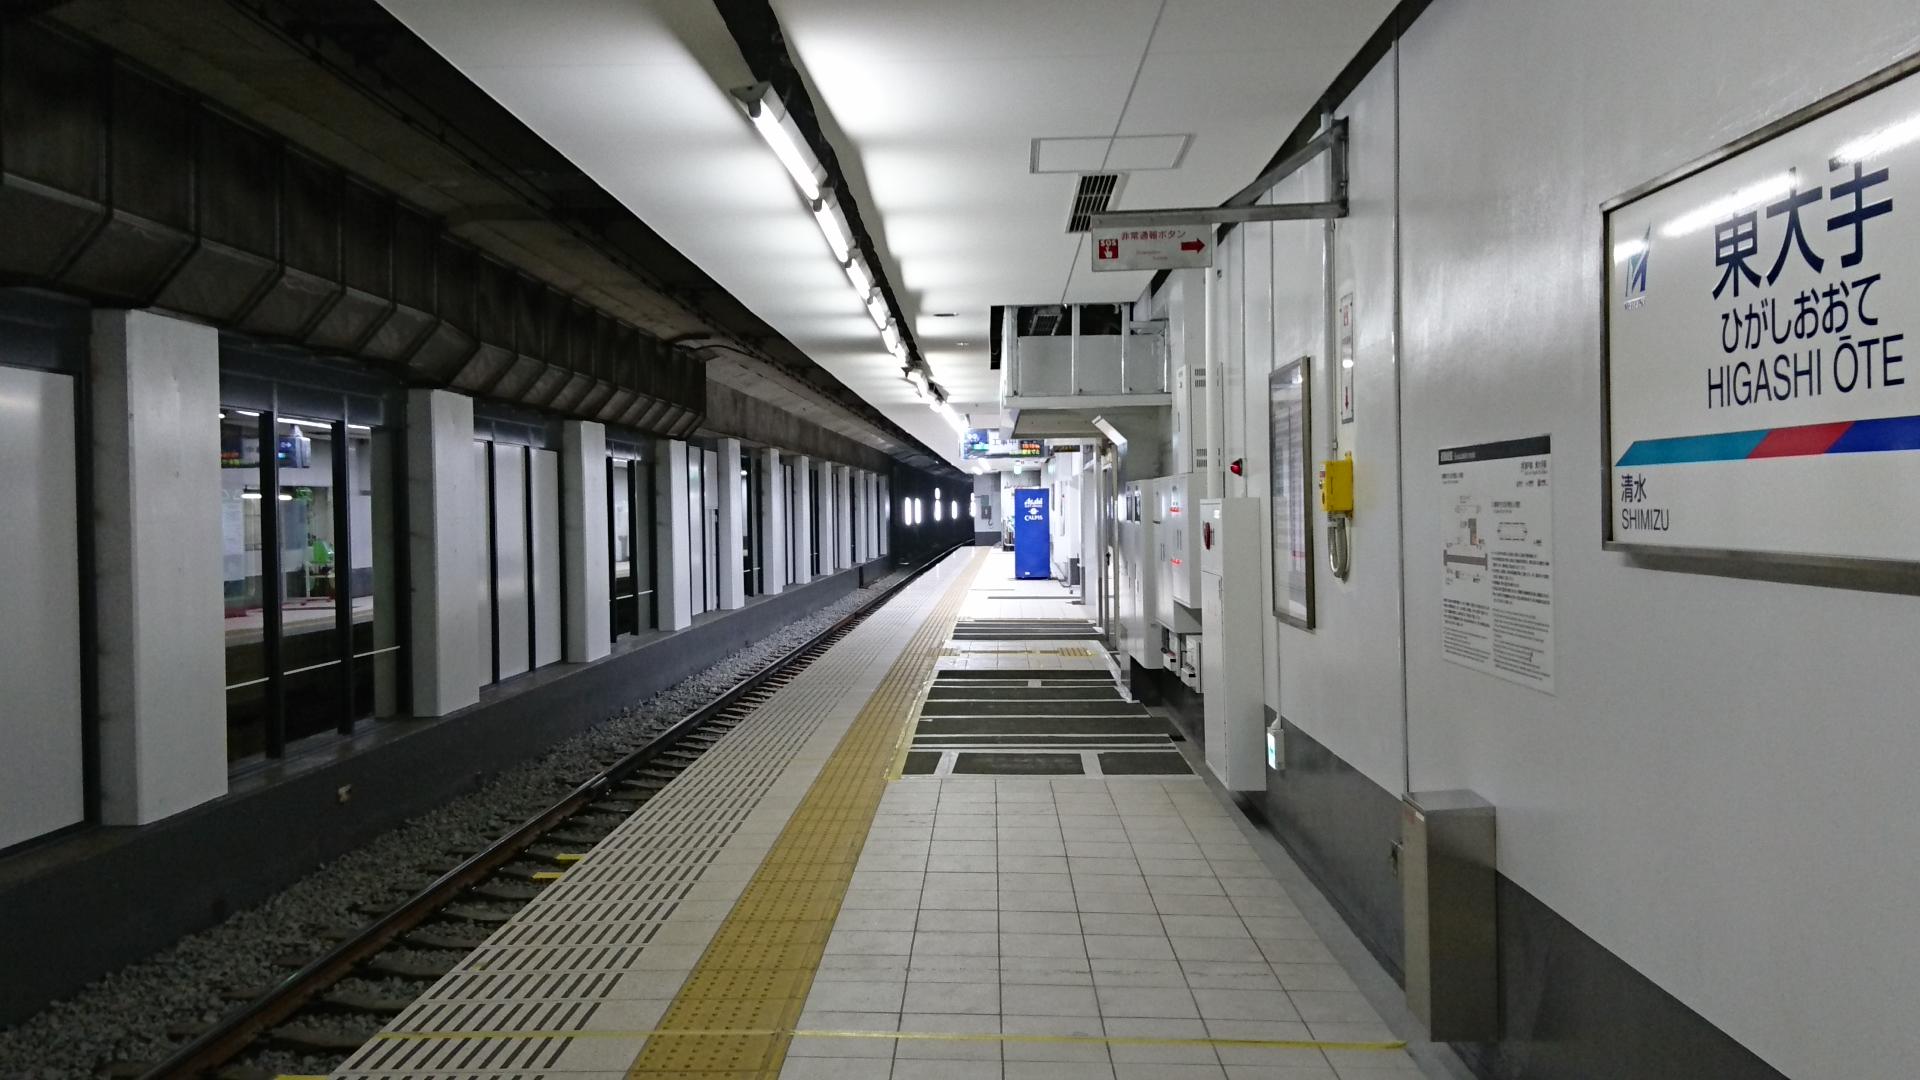 2017.3.12 名古屋 (36) 東大手=あがりホーム 1920-1080